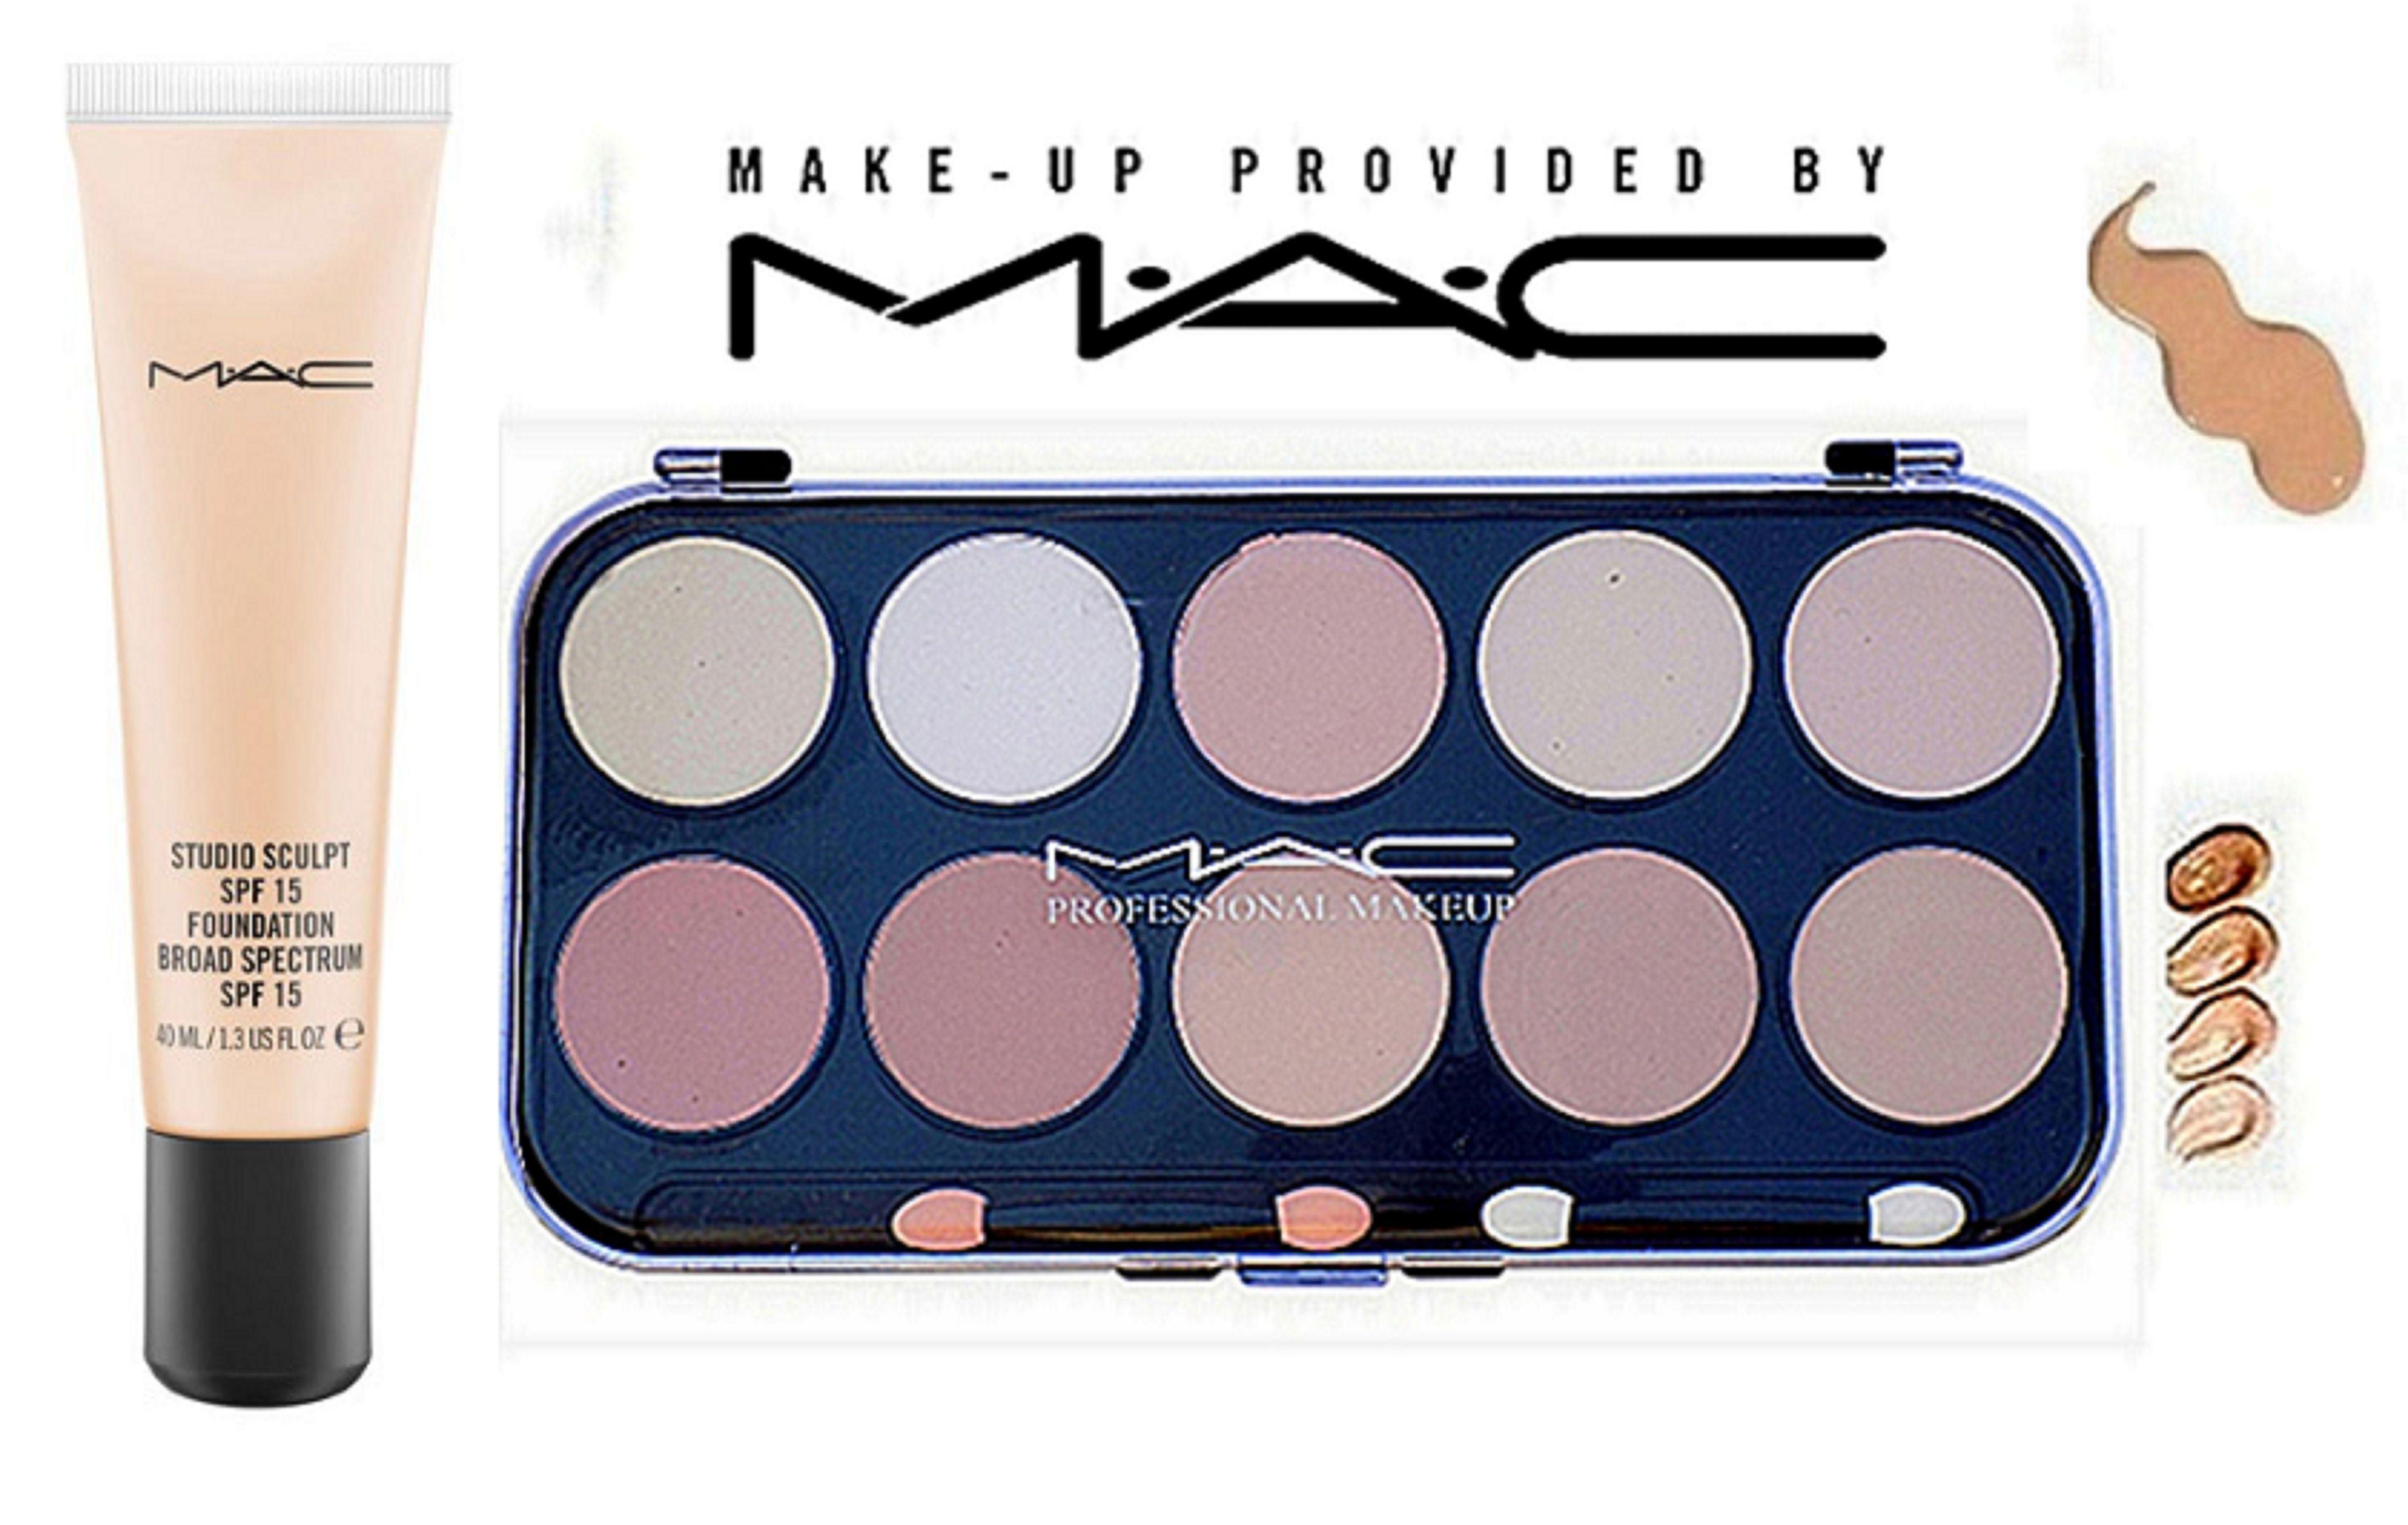 Shade Concealer Palette Makeup Kit Ml